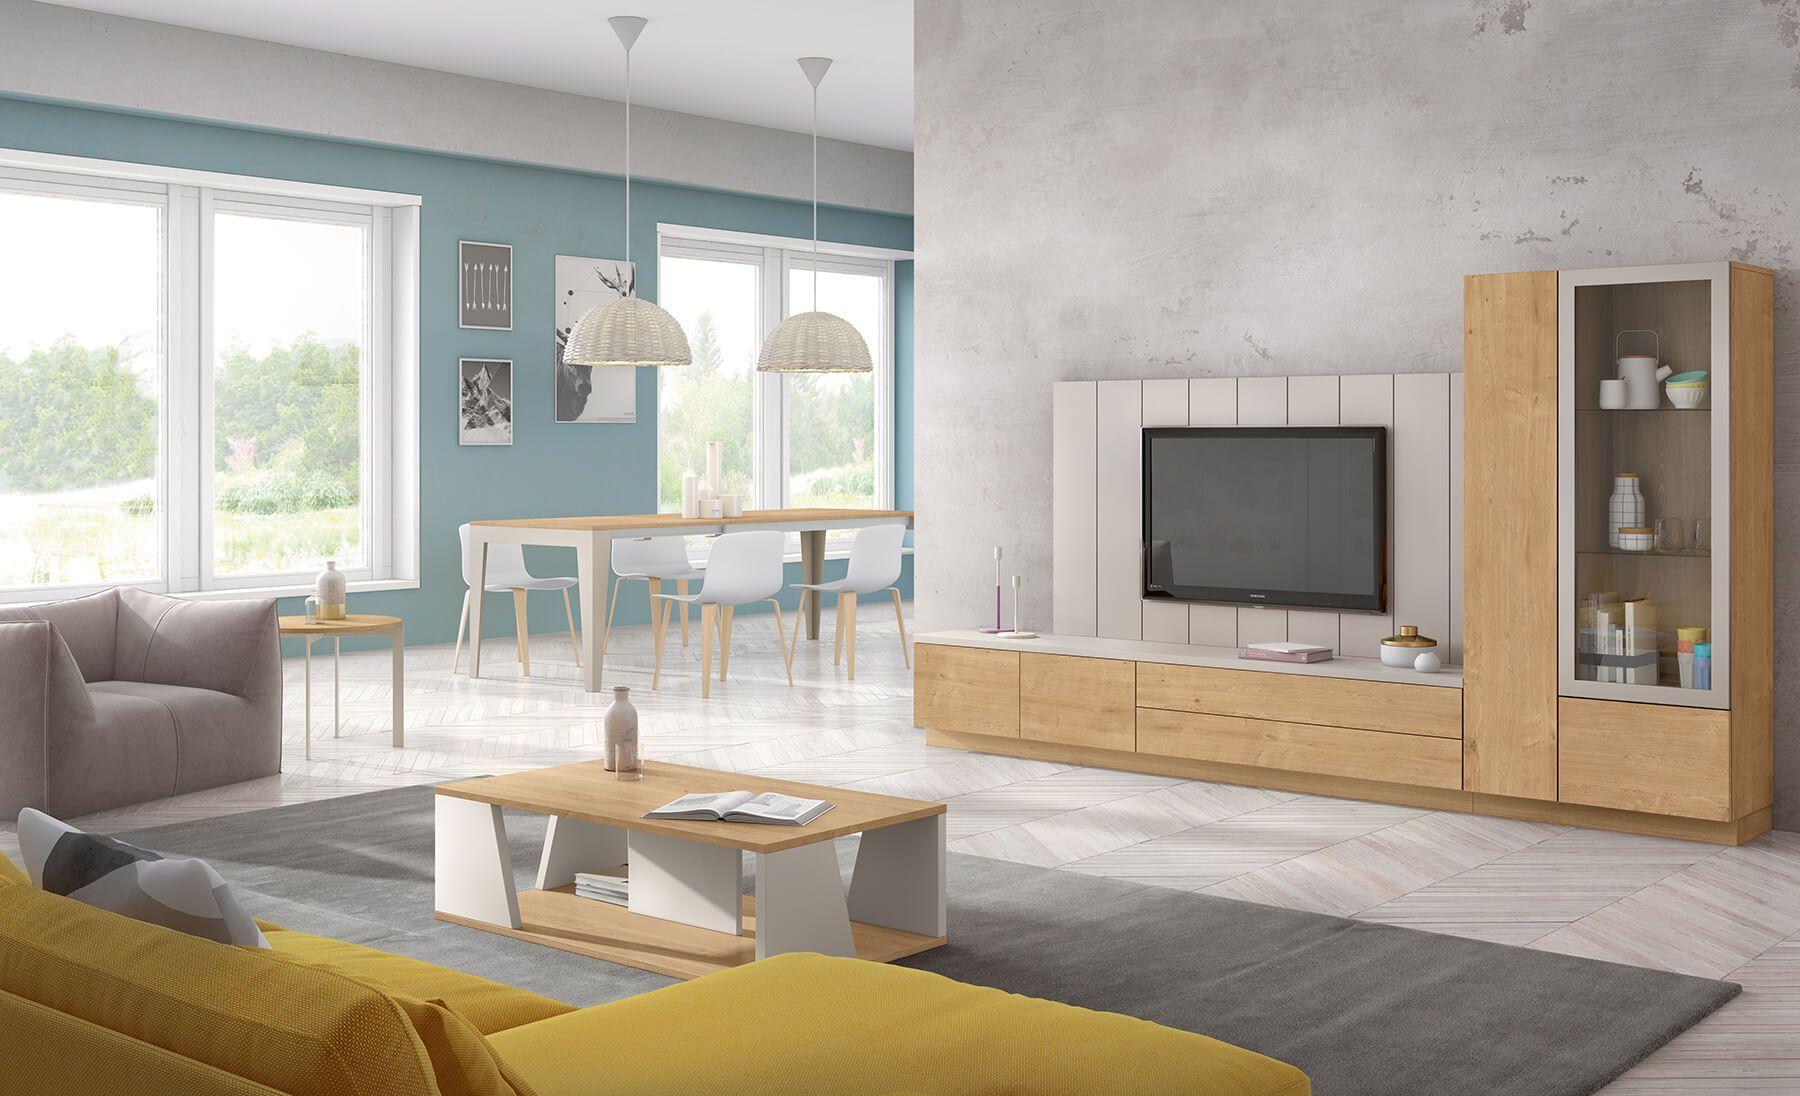 Muebles modernos para salón de estilo moderno en tu tienda de ...